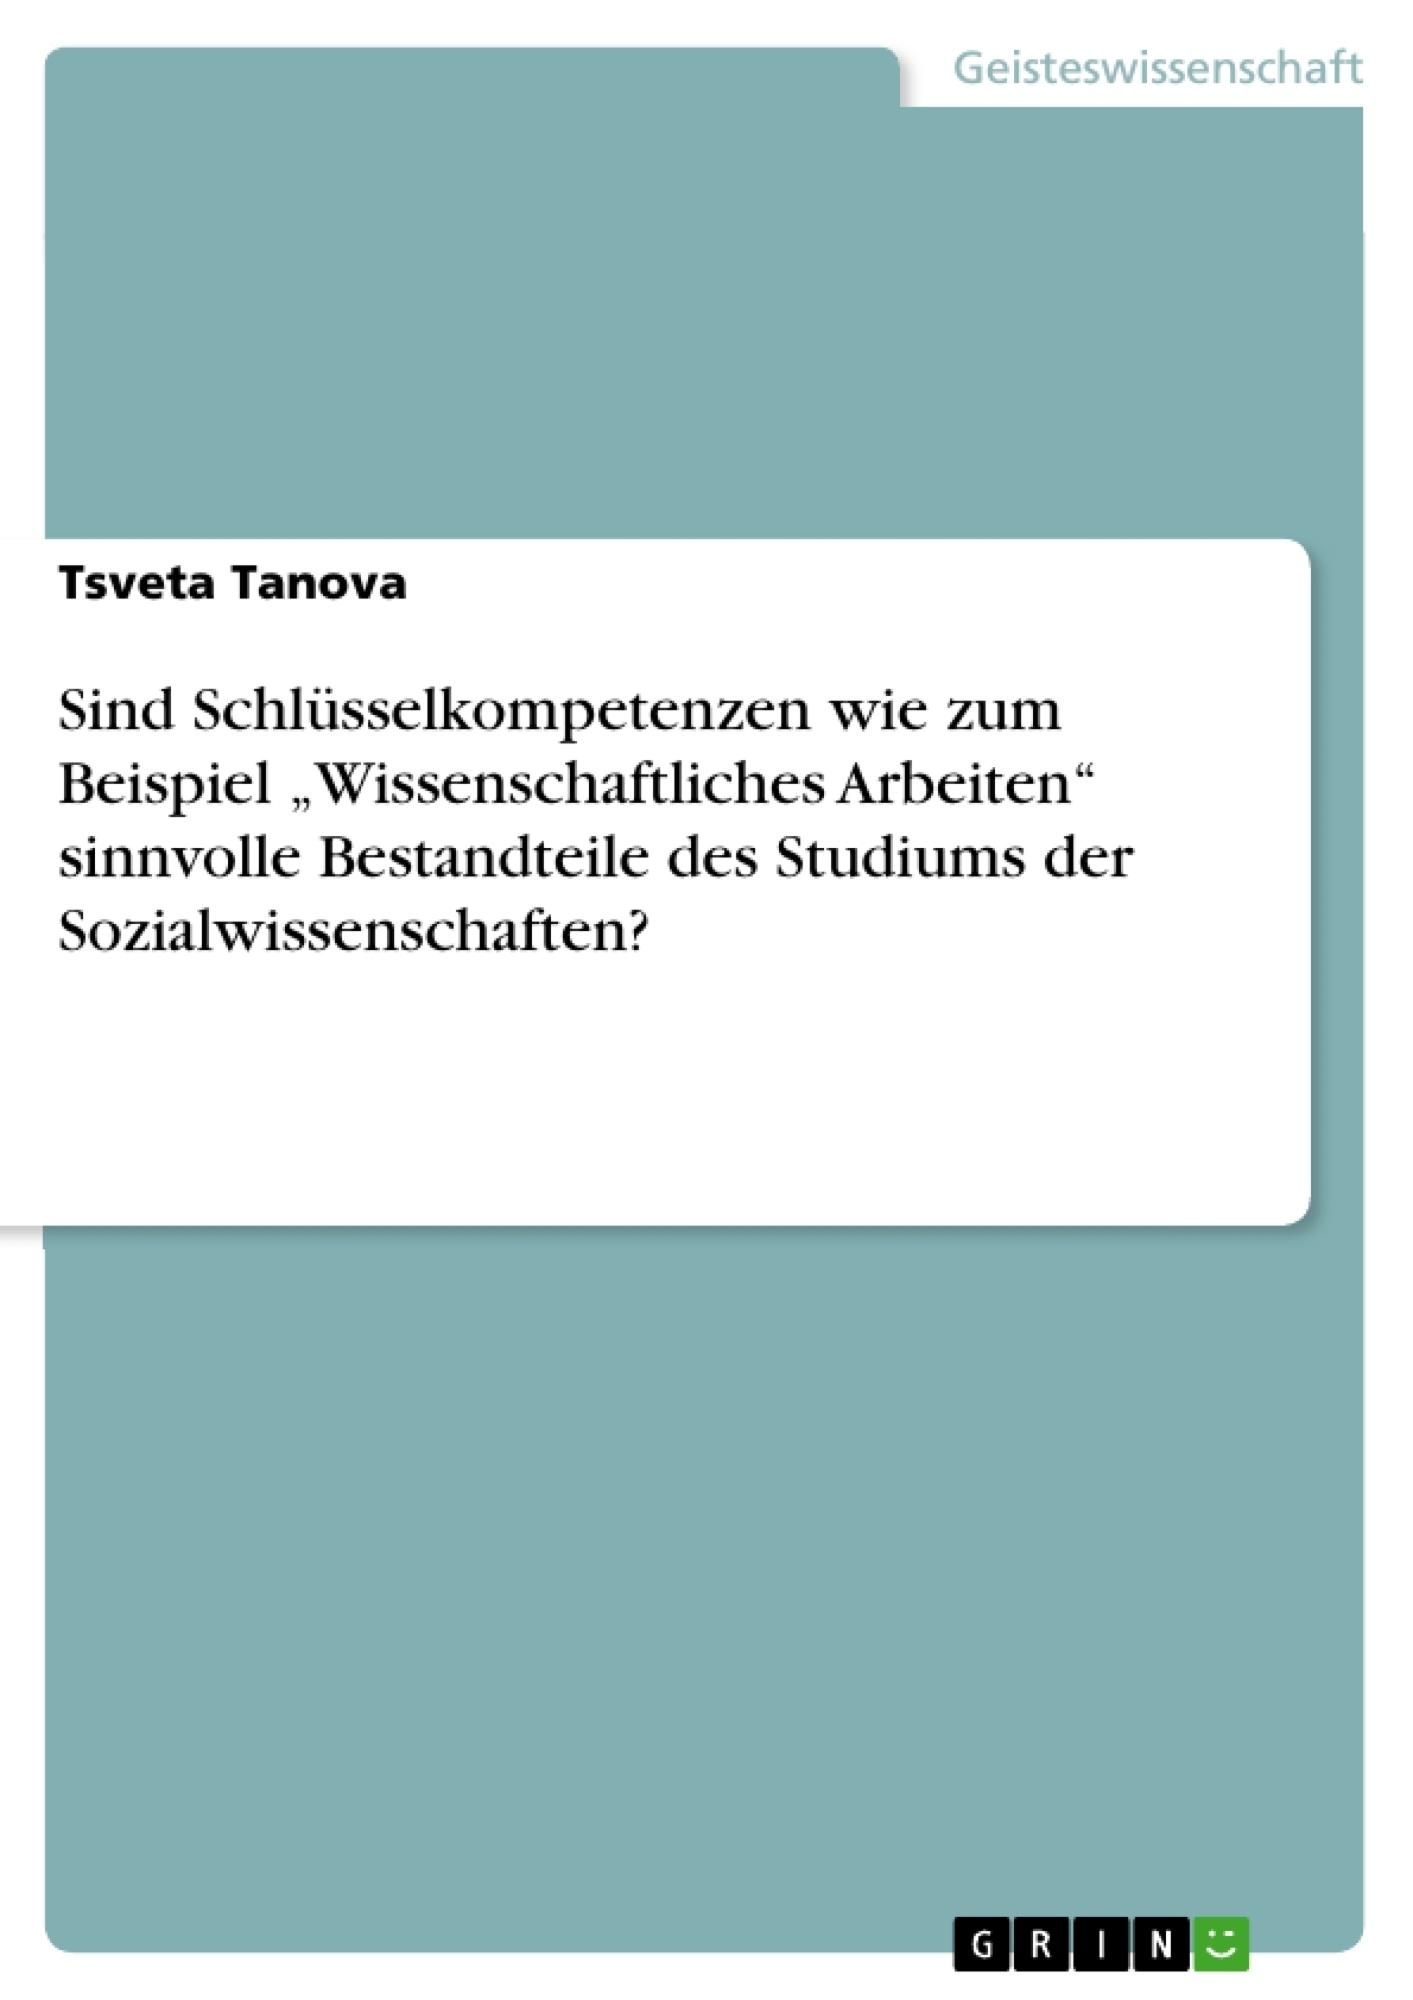 """Titel: Sind Schlüsselkompetenzen wie zum Beispiel """"Wissenschaftliches Arbeiten"""" sinnvolle Bestandteile des Studiums der Sozialwissenschaften?"""